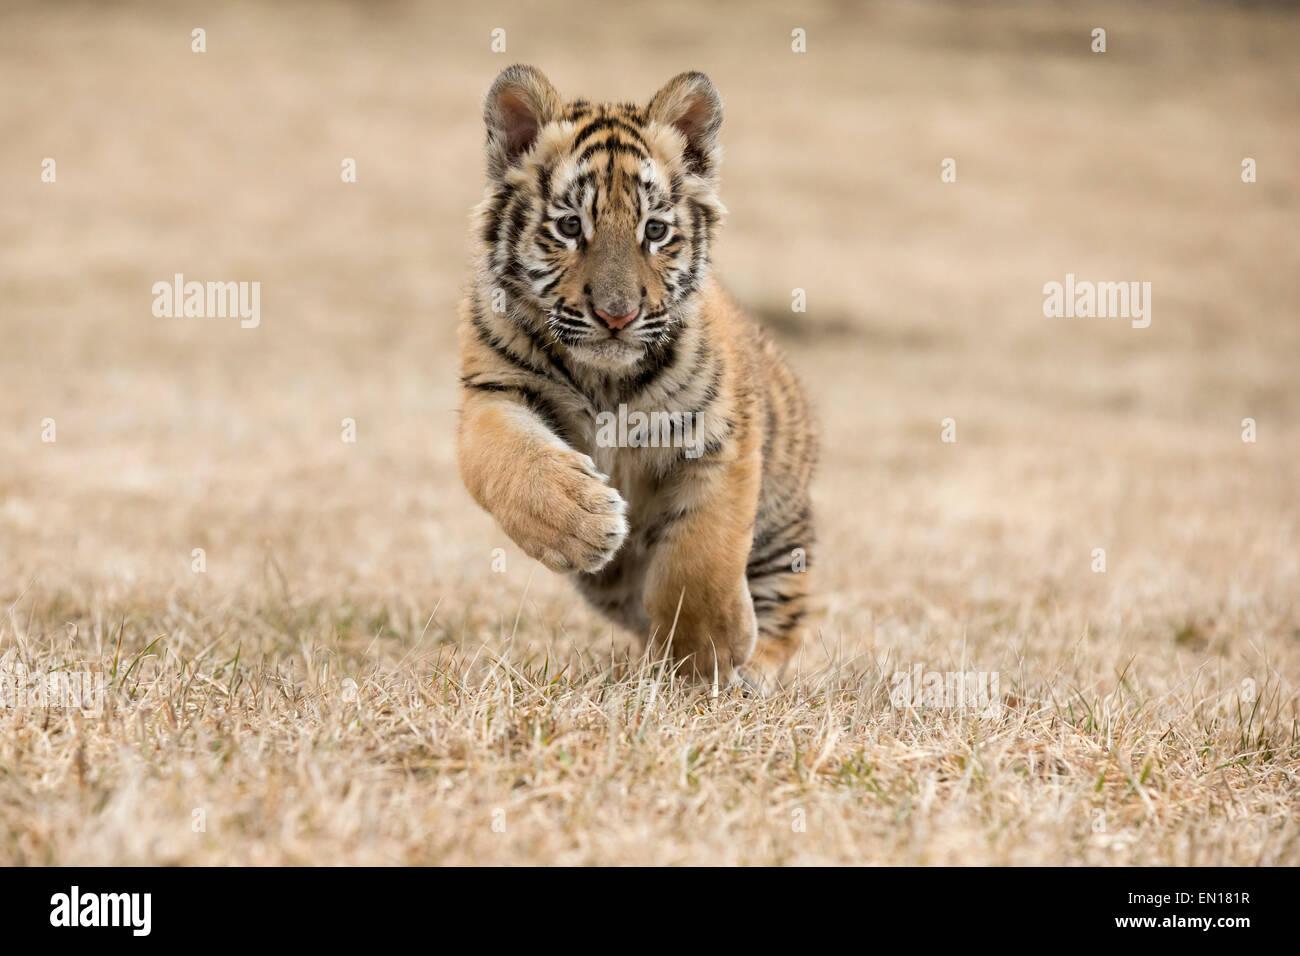 Tigre siberiano (Panthera tigris altaica) cub corriendo a través de la hierba Imagen De Stock